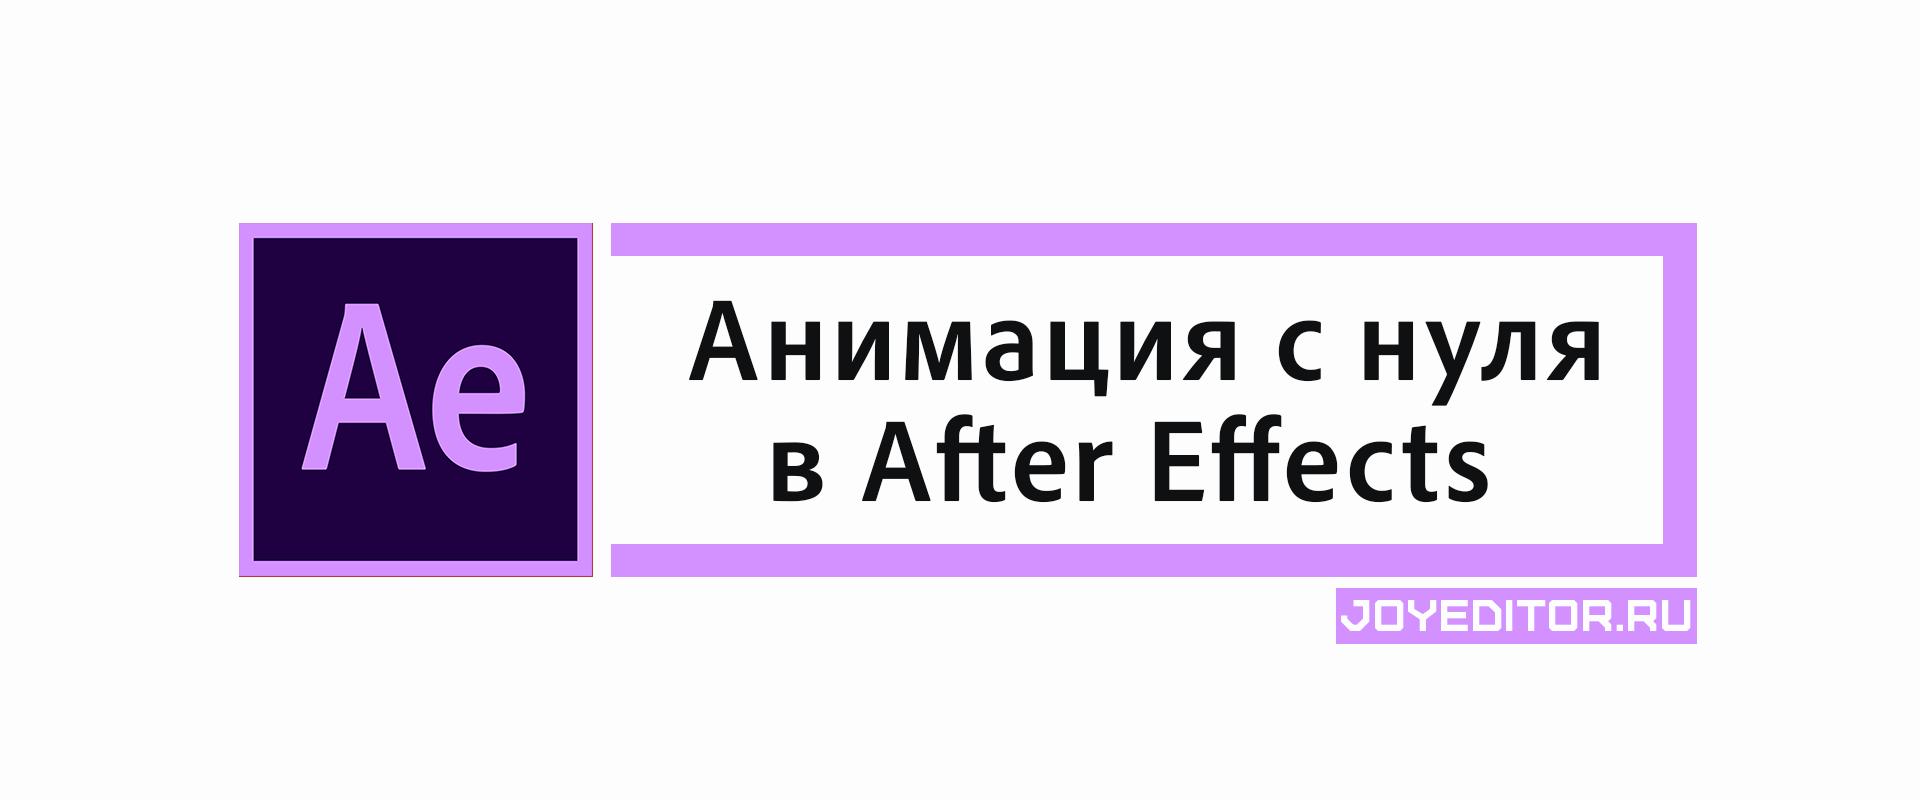 Анимация с нуля в After Effects